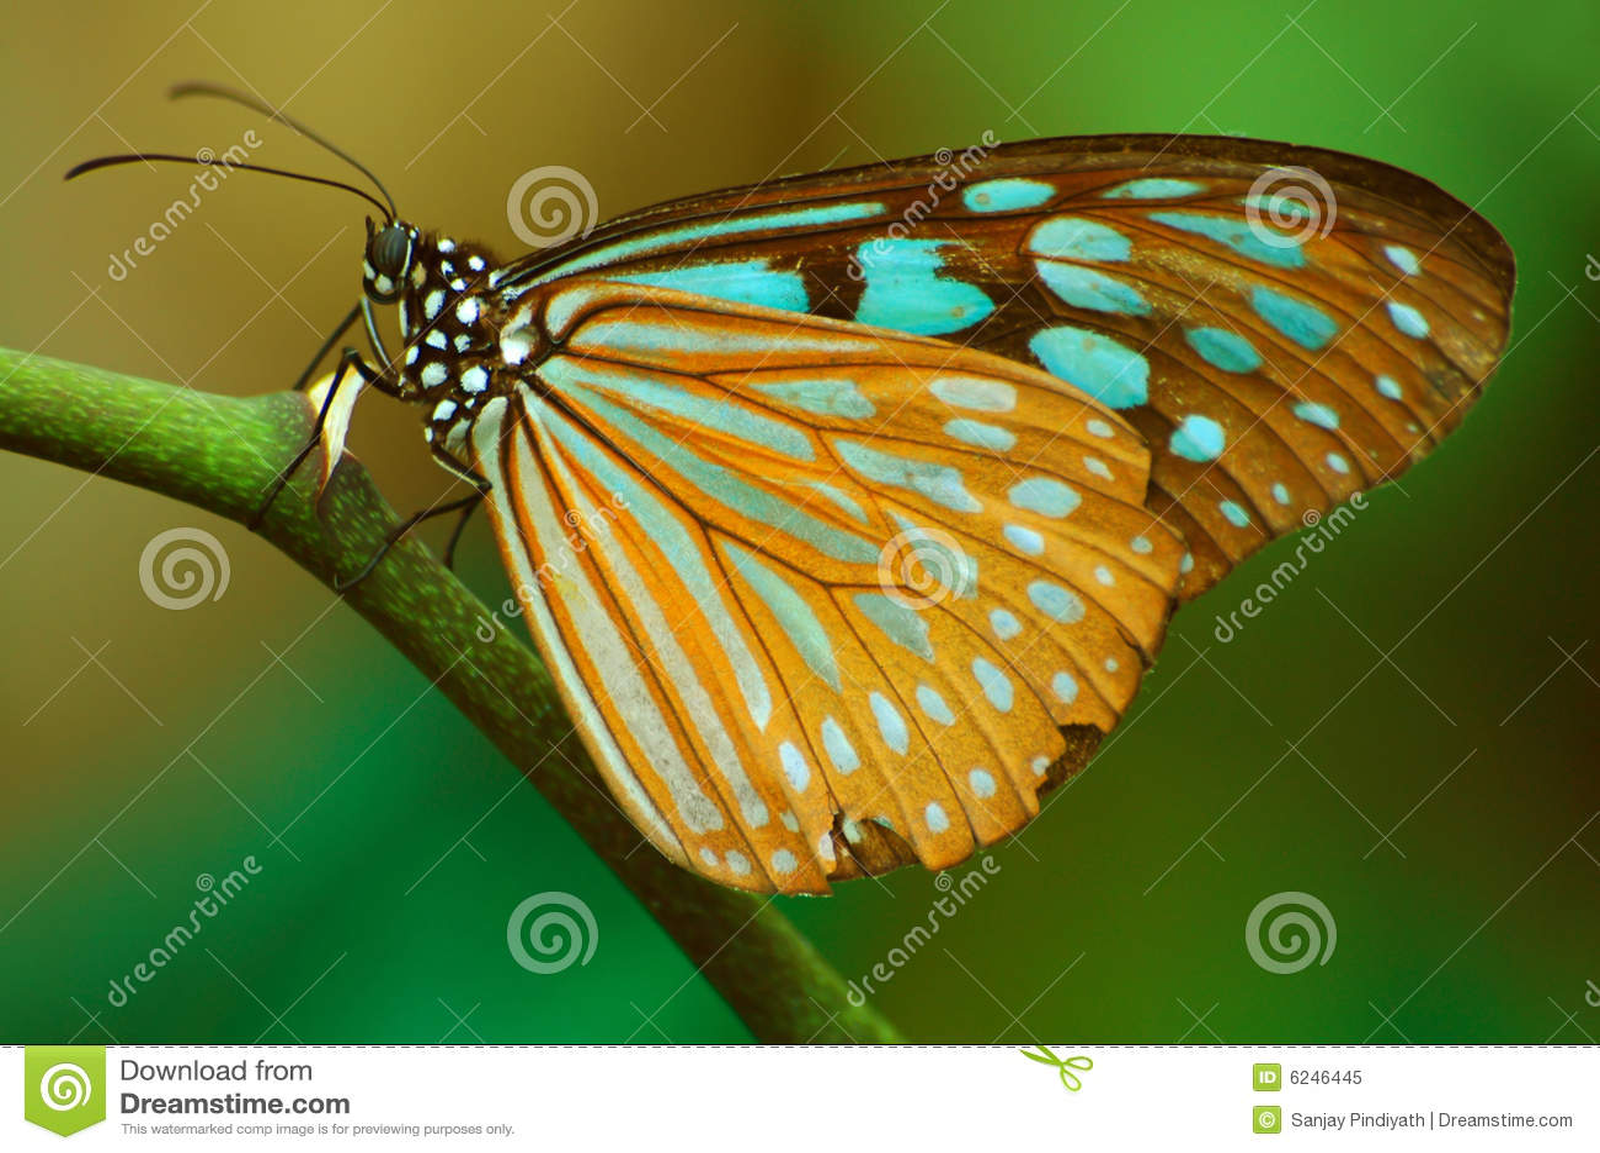 21 mooie kleurrijke vlinder - photo #17